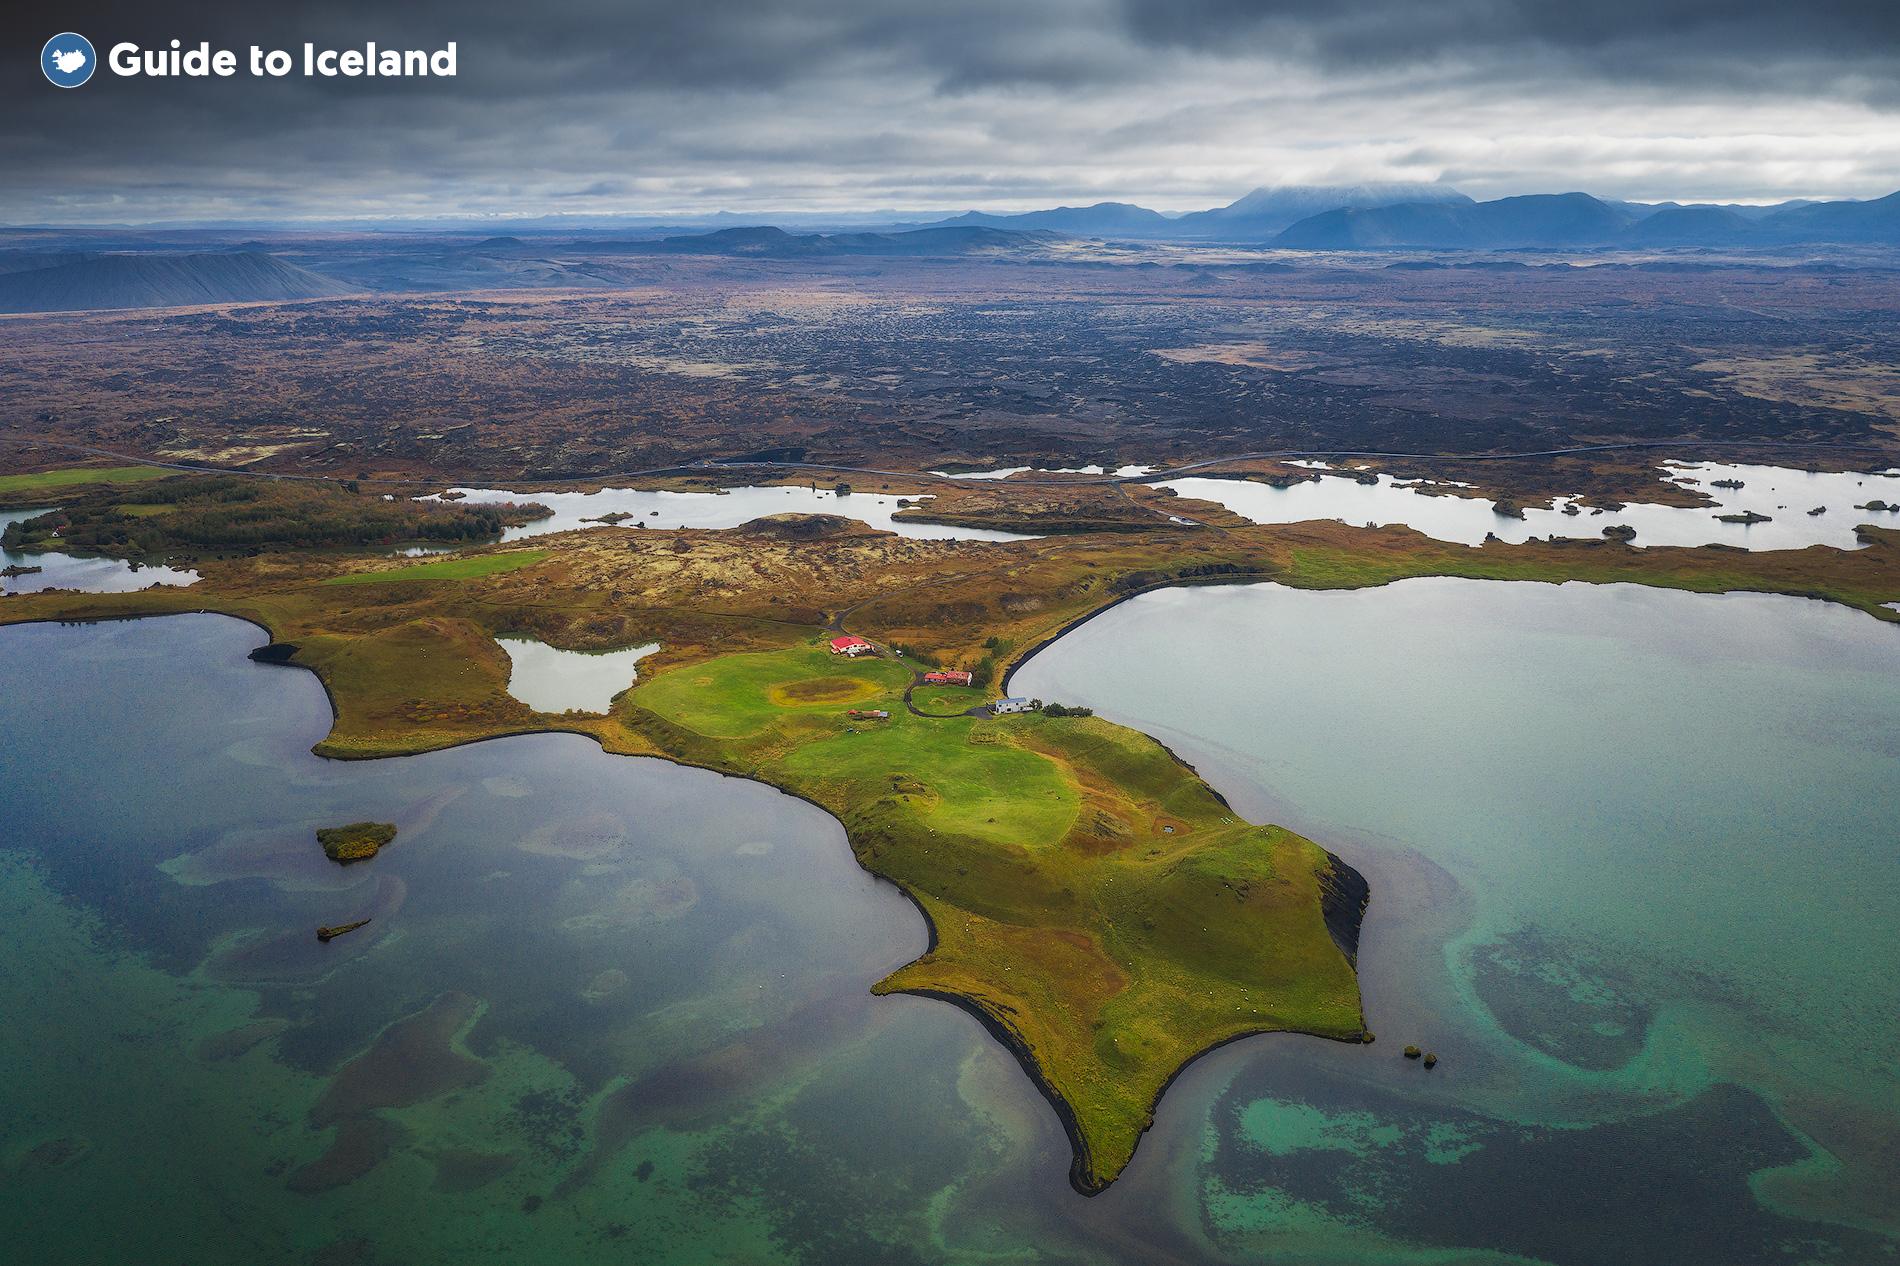 Le lac Mývatn dans le Nord de l'Islande